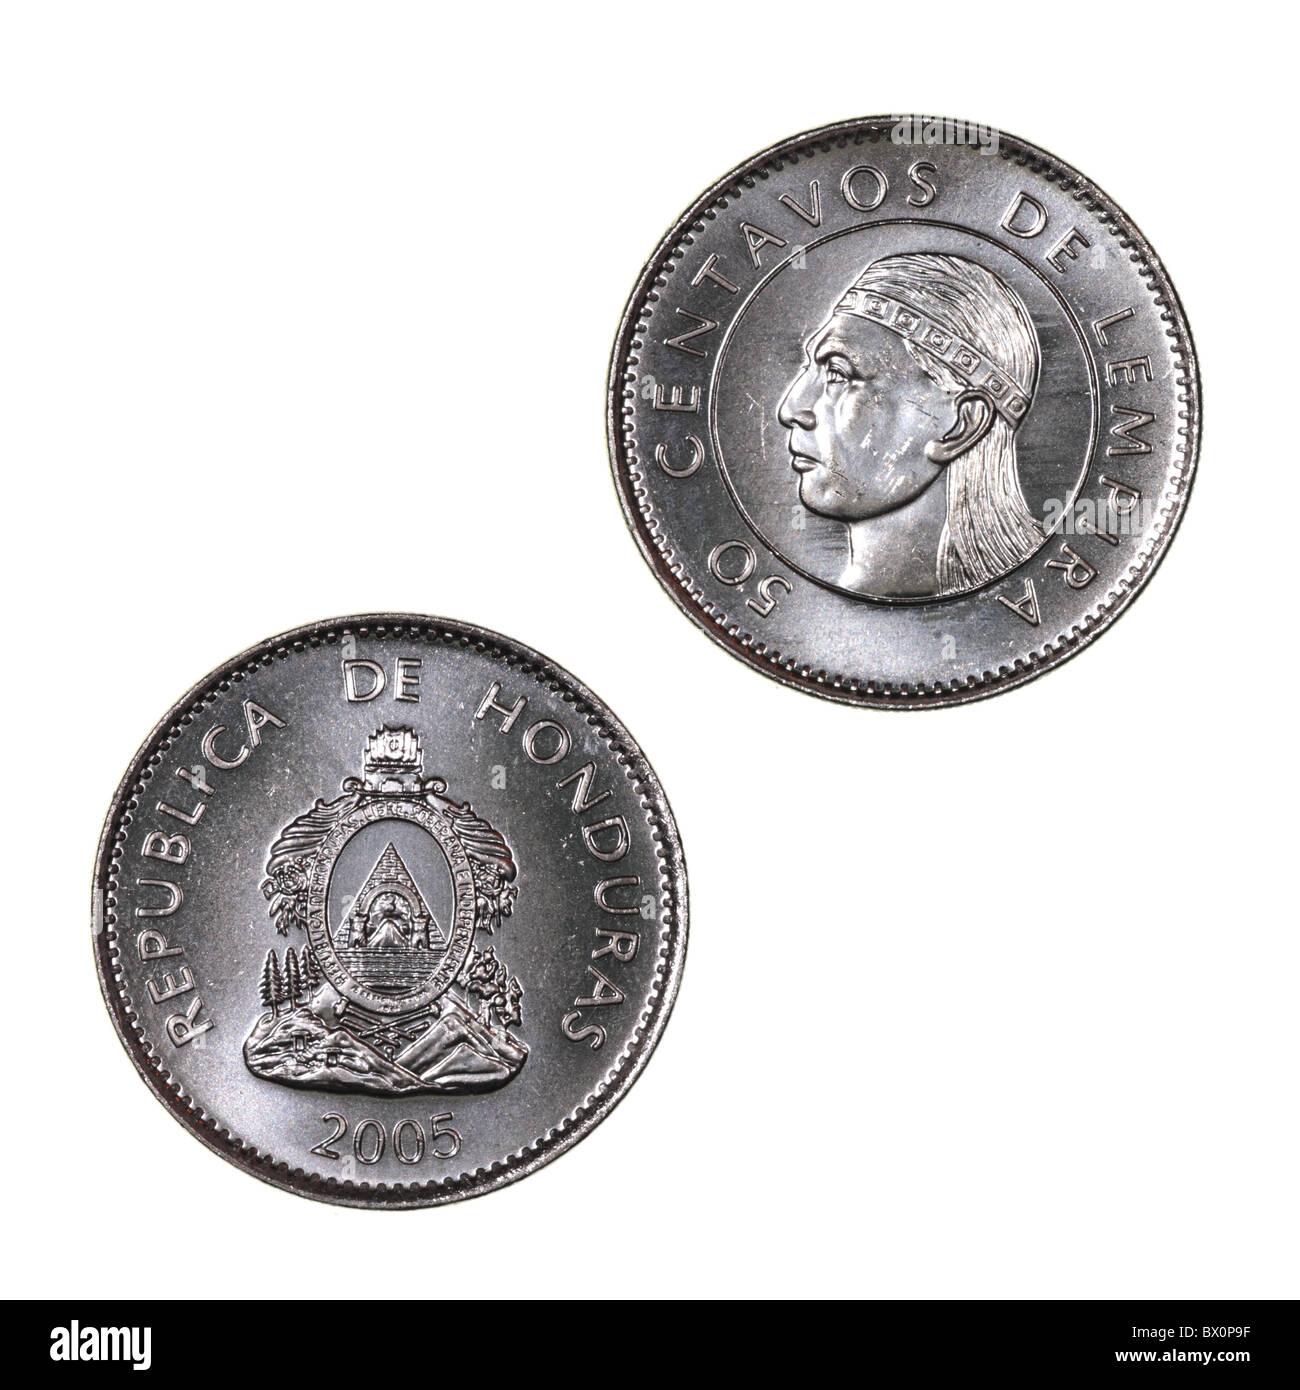 Honduras coin Stock Photo